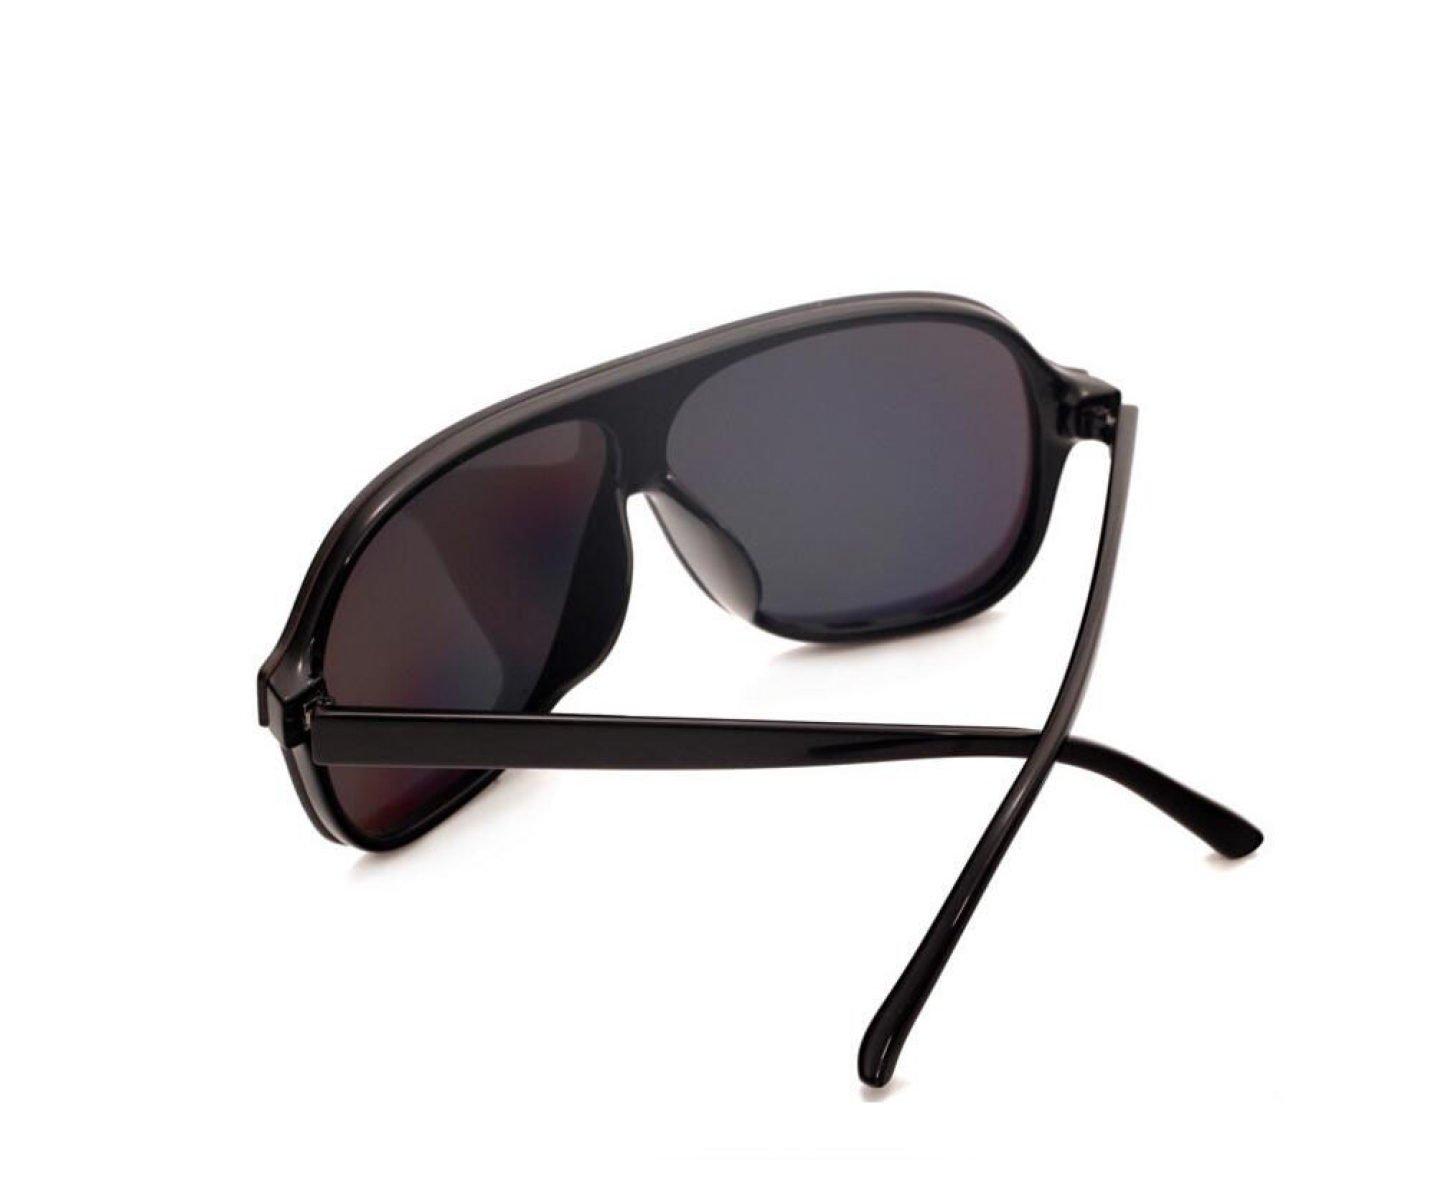 GSHGA Polarisierte Sonnenbrille Art Und Weise Bunte Winde Gläser Mens-Frauen-Sonnenbrille,Brightblackframeredreflective